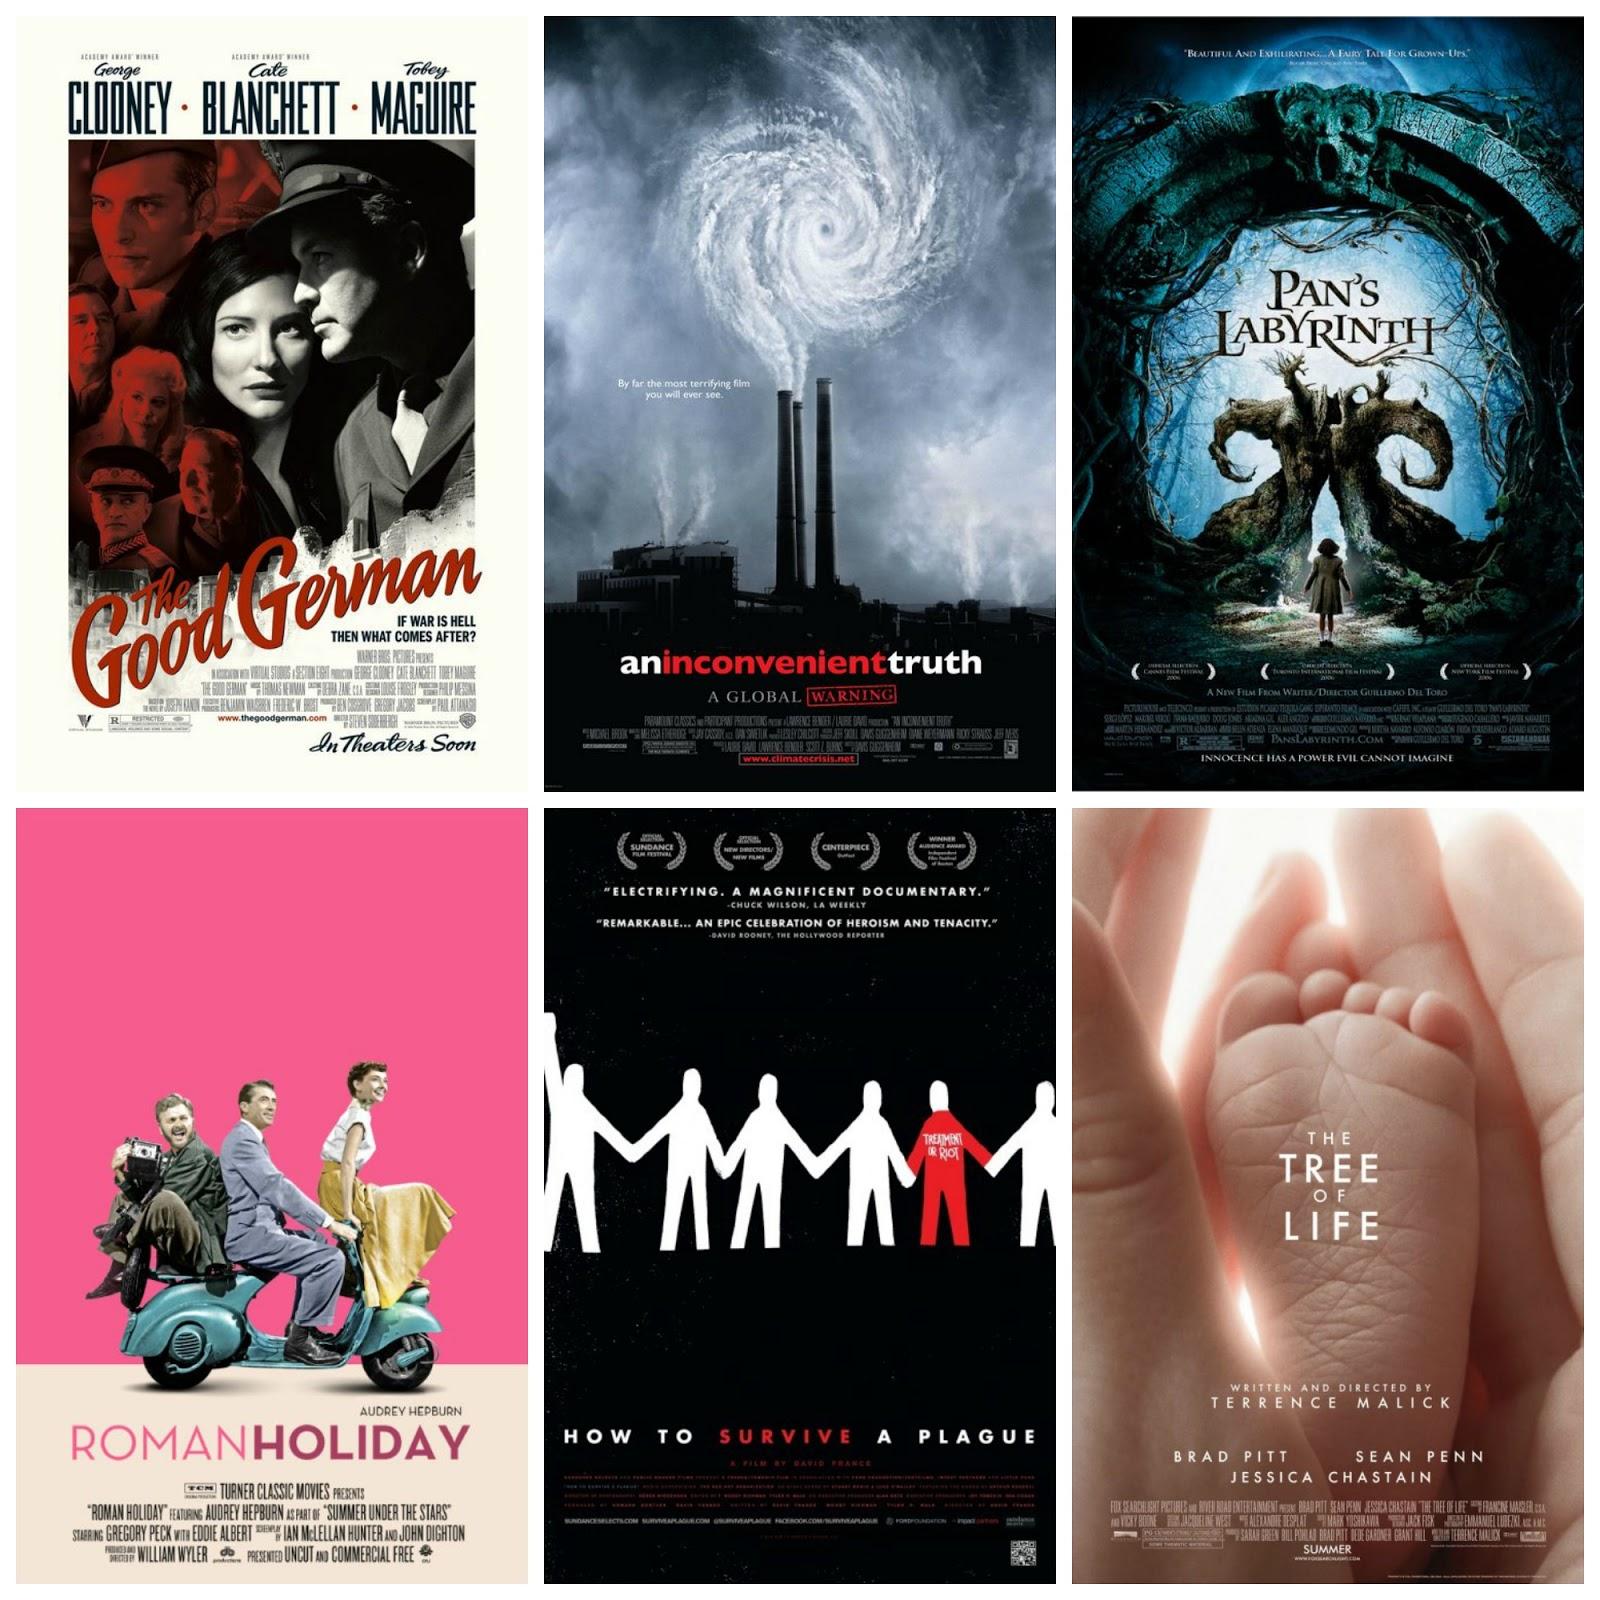 Filmsourcing Top 50 Posters 3